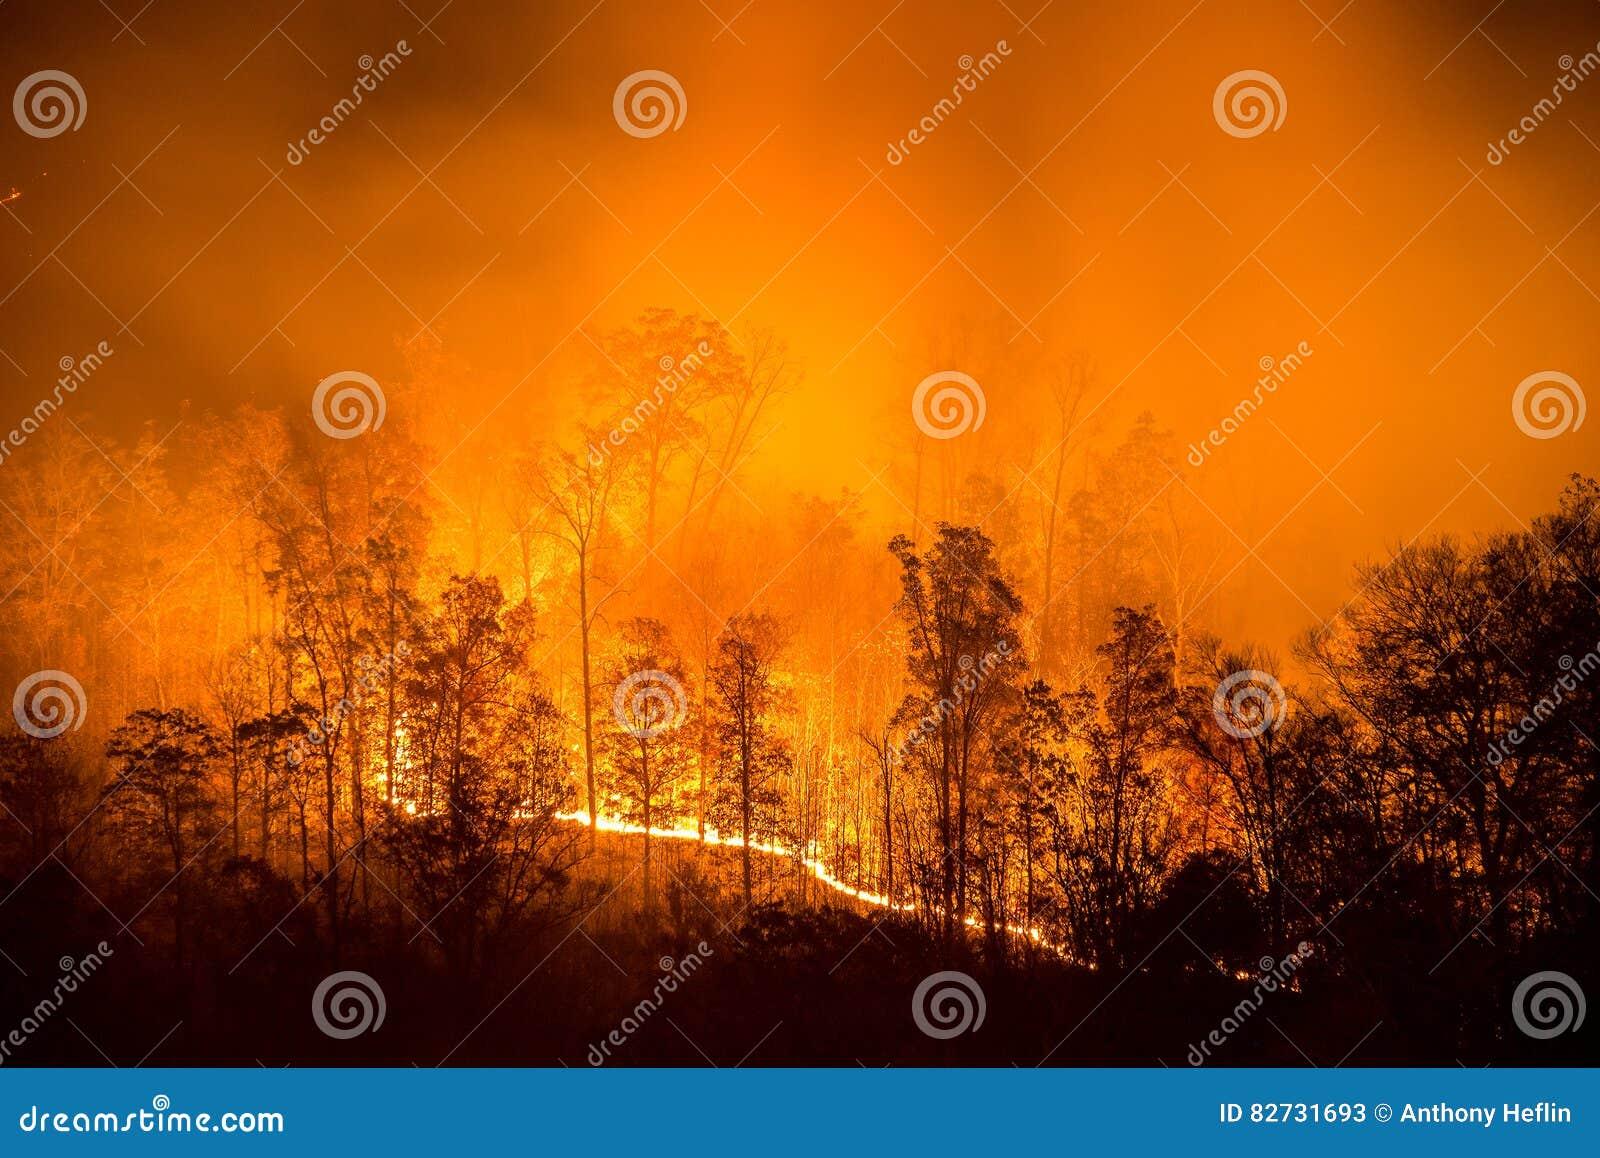 Лесной пожар, Аппалачи, сценарные